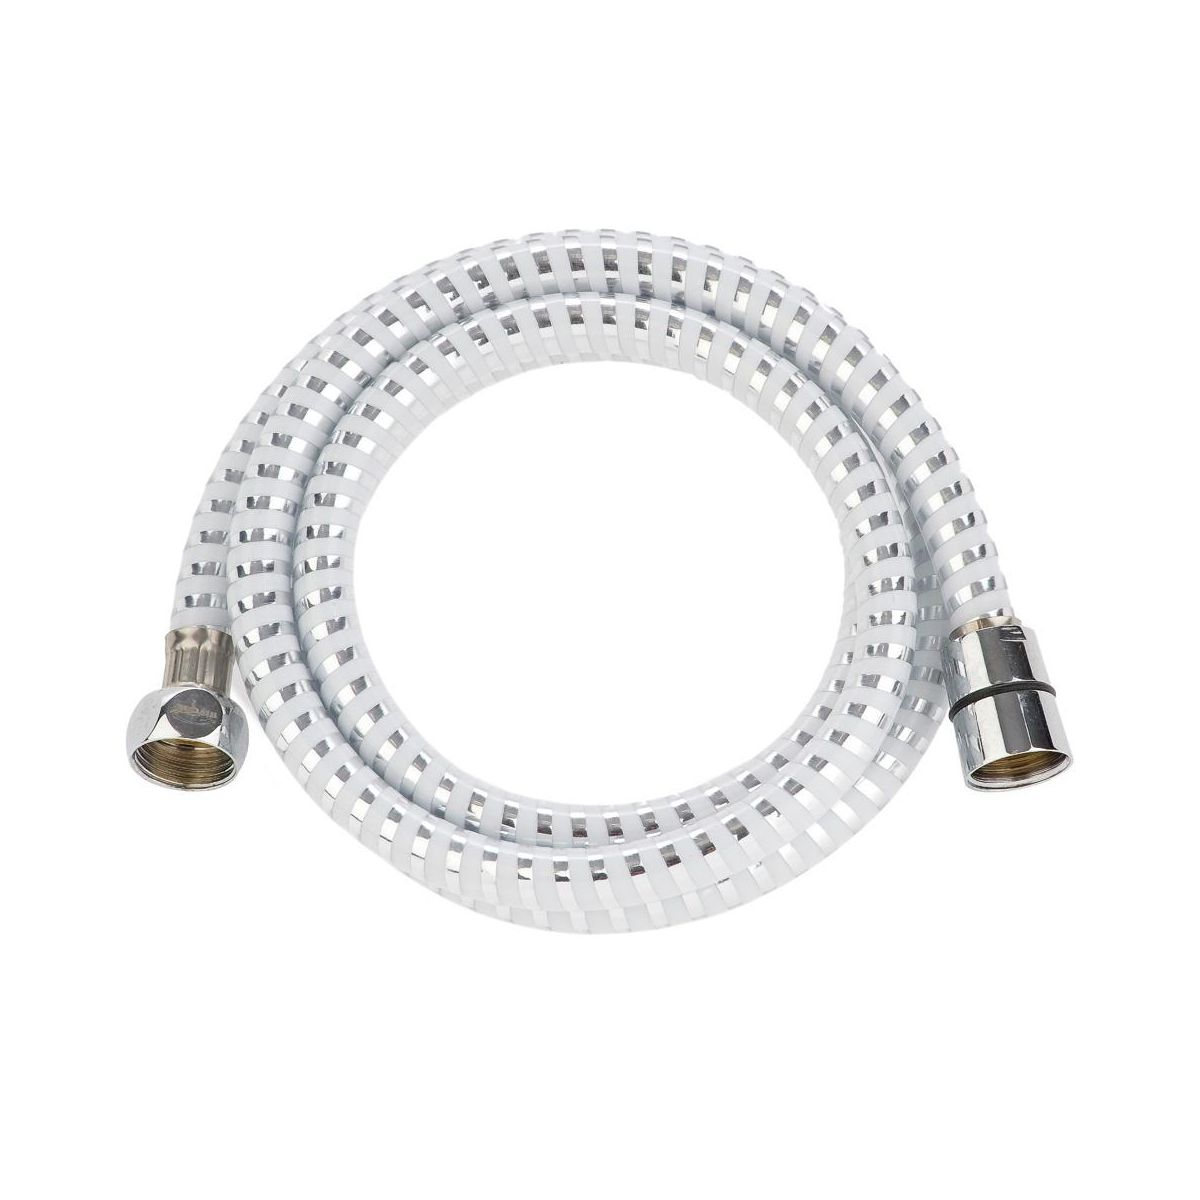 Waz Prysznicowy Biflex Invena Weze Natryskowe W Atrakcyjnej Cenie W Sklepach Leroy Merlin